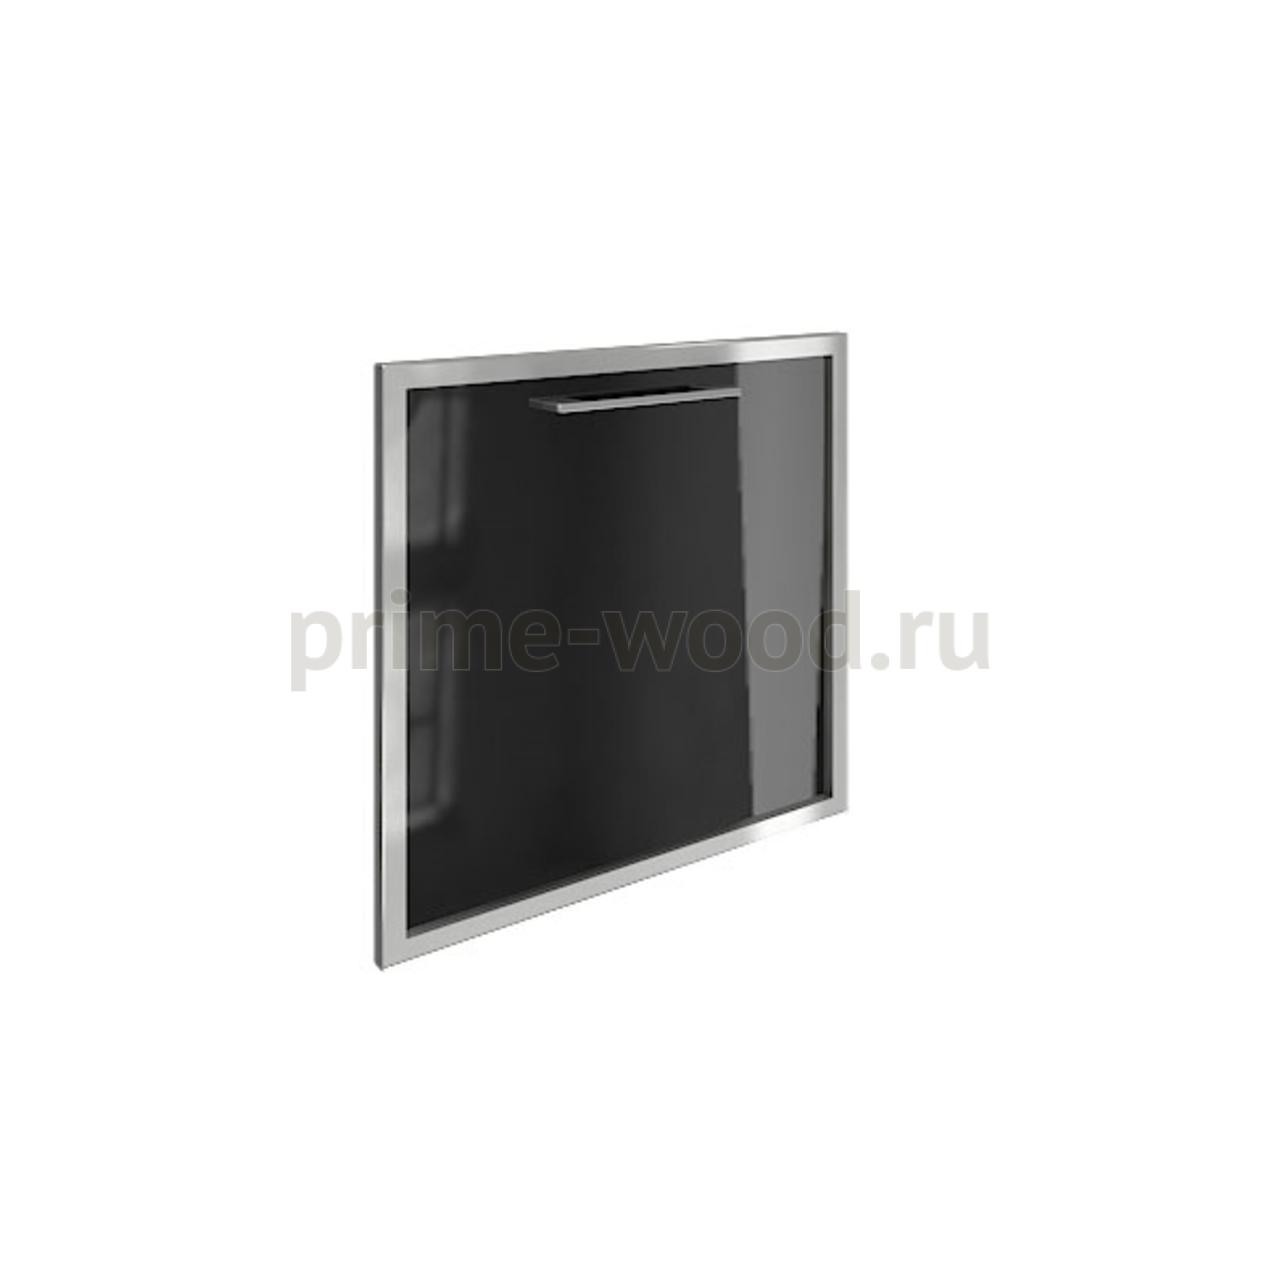 Дверь стекло рама шкаф четырехсекционный правый - фото 5